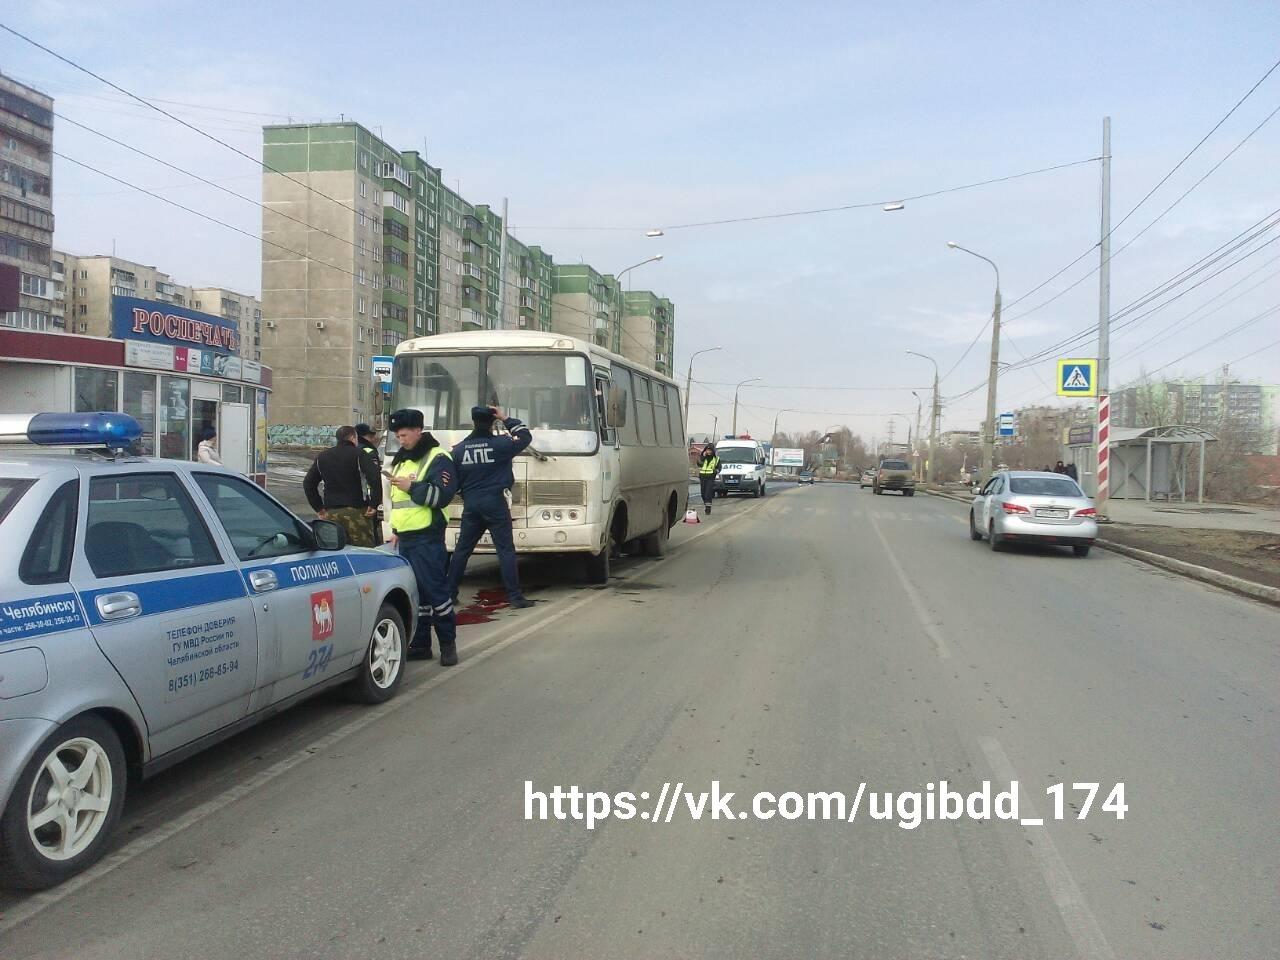 ВЧелябинске маршрутное такси насмерть сбило девушку